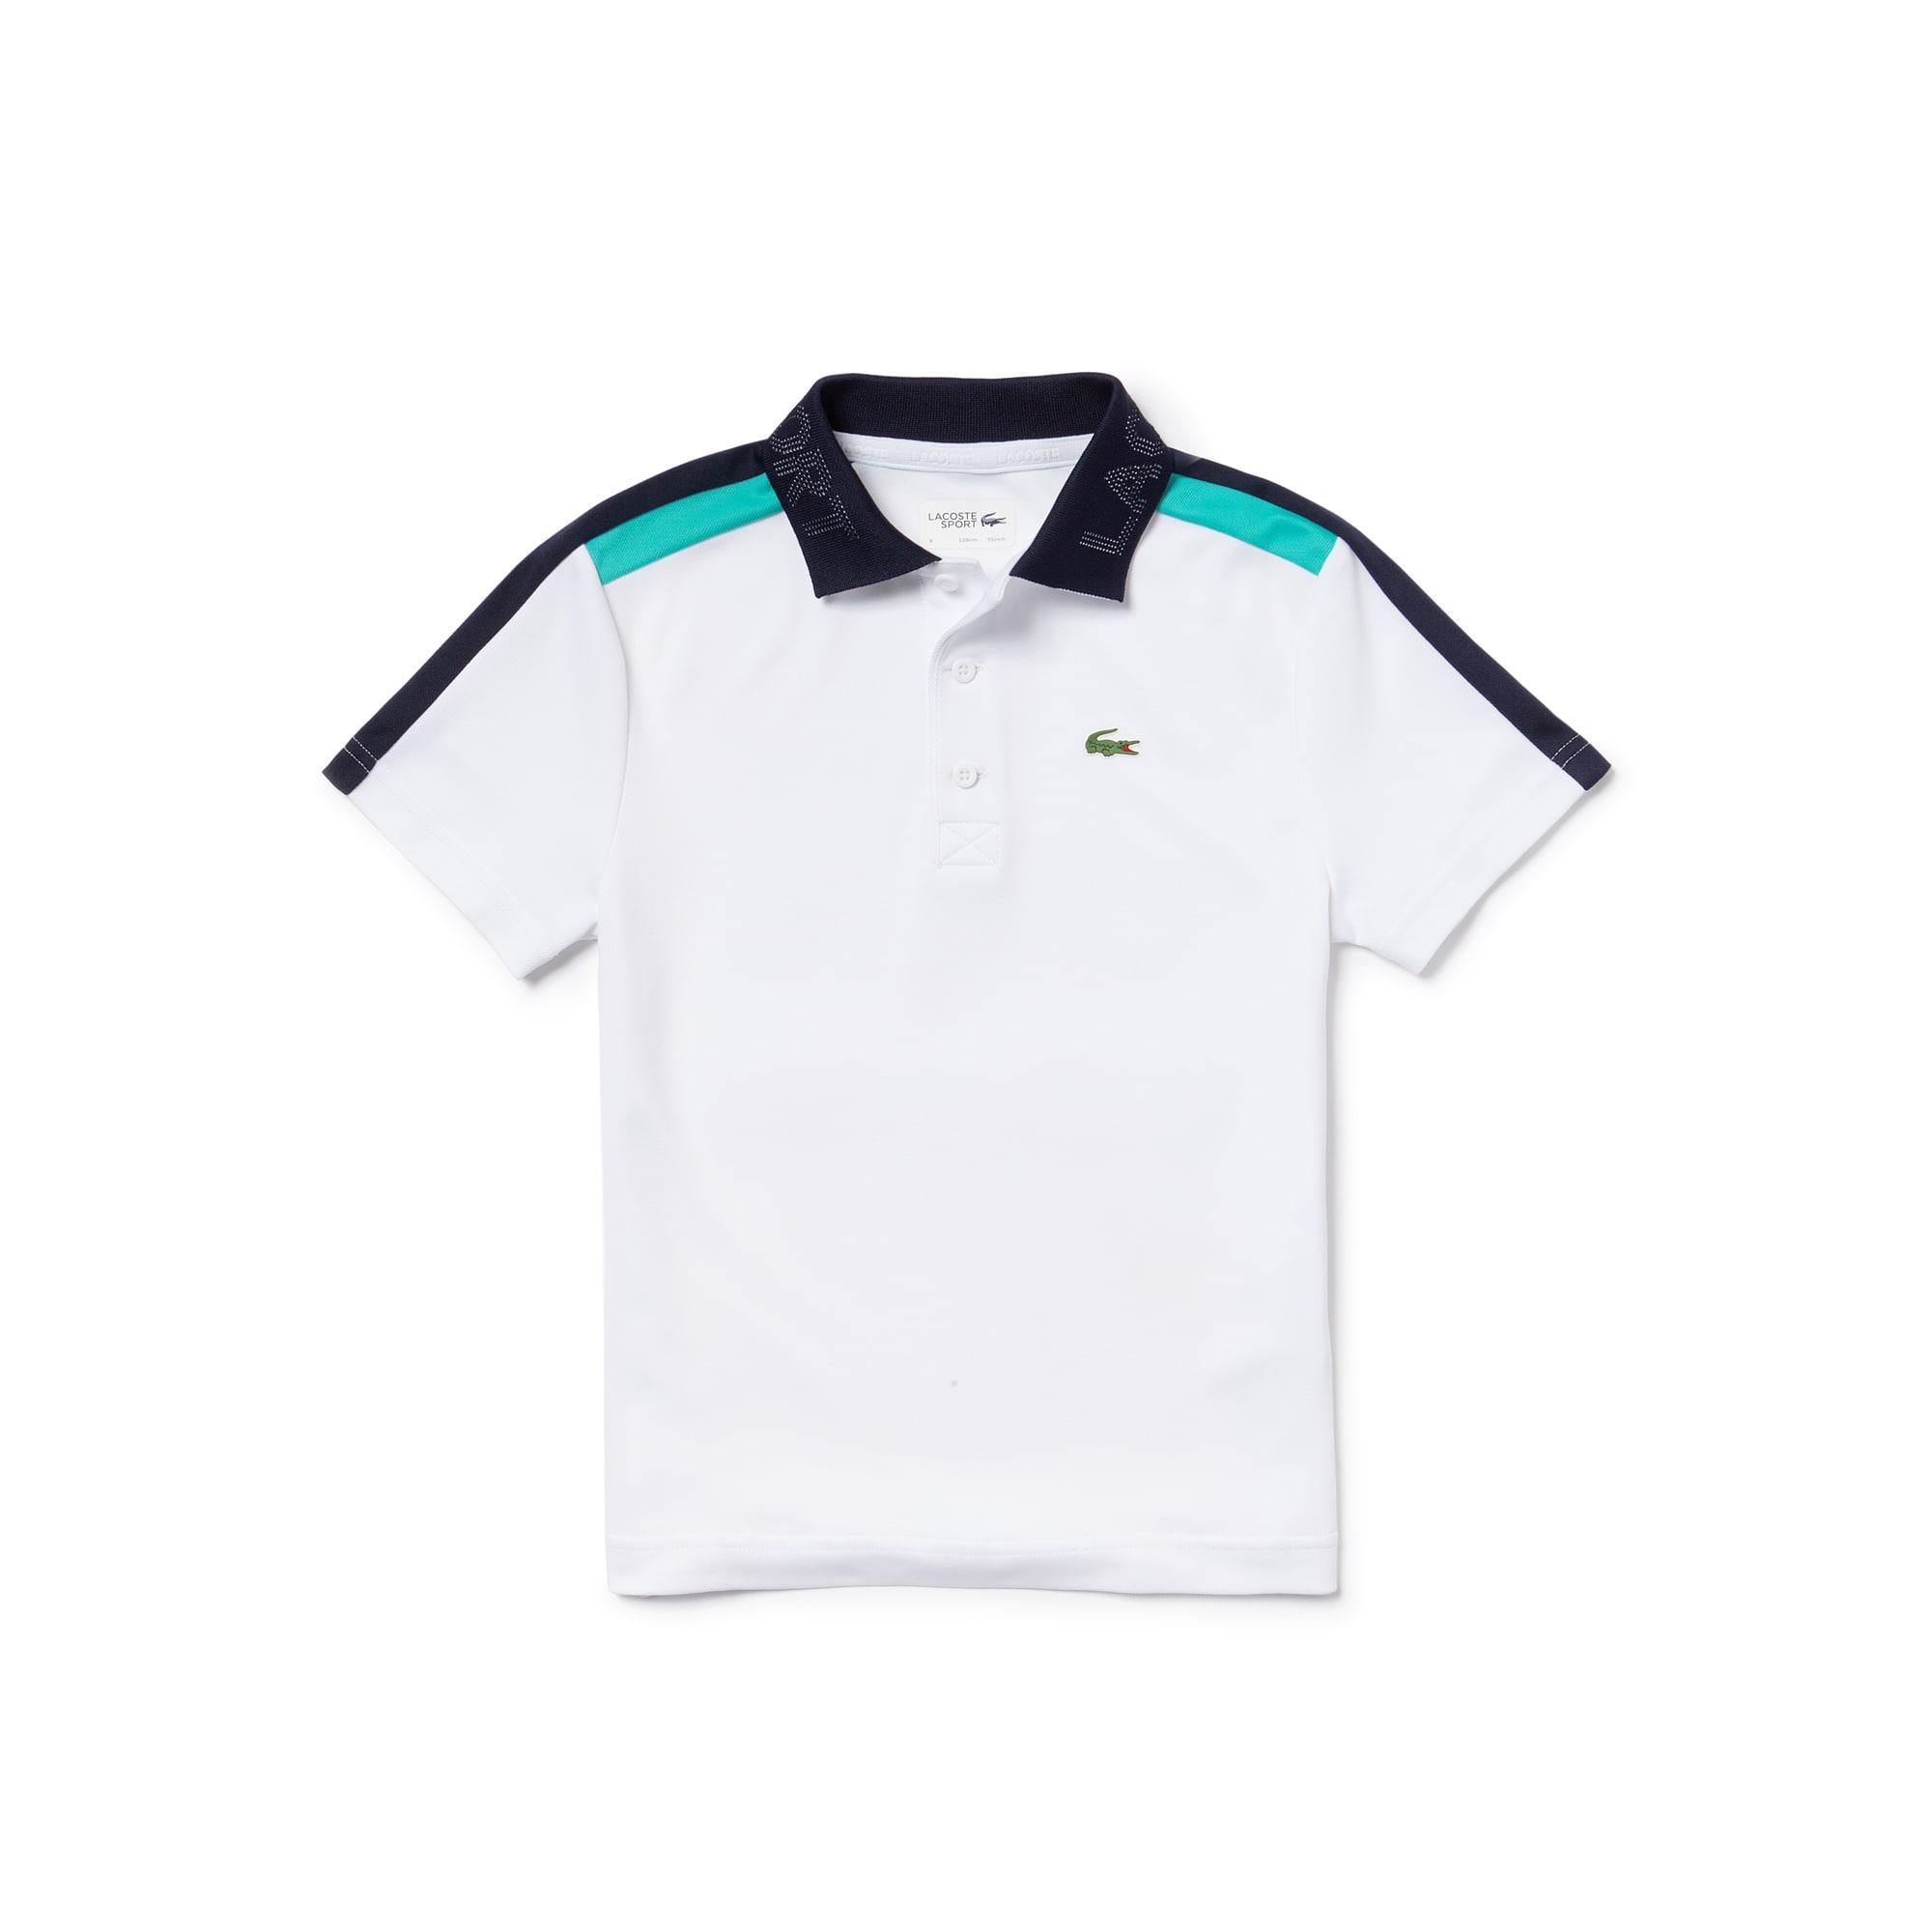 Lacoste SPORT Tennis-polo jongens piqué met contrasterende stroken